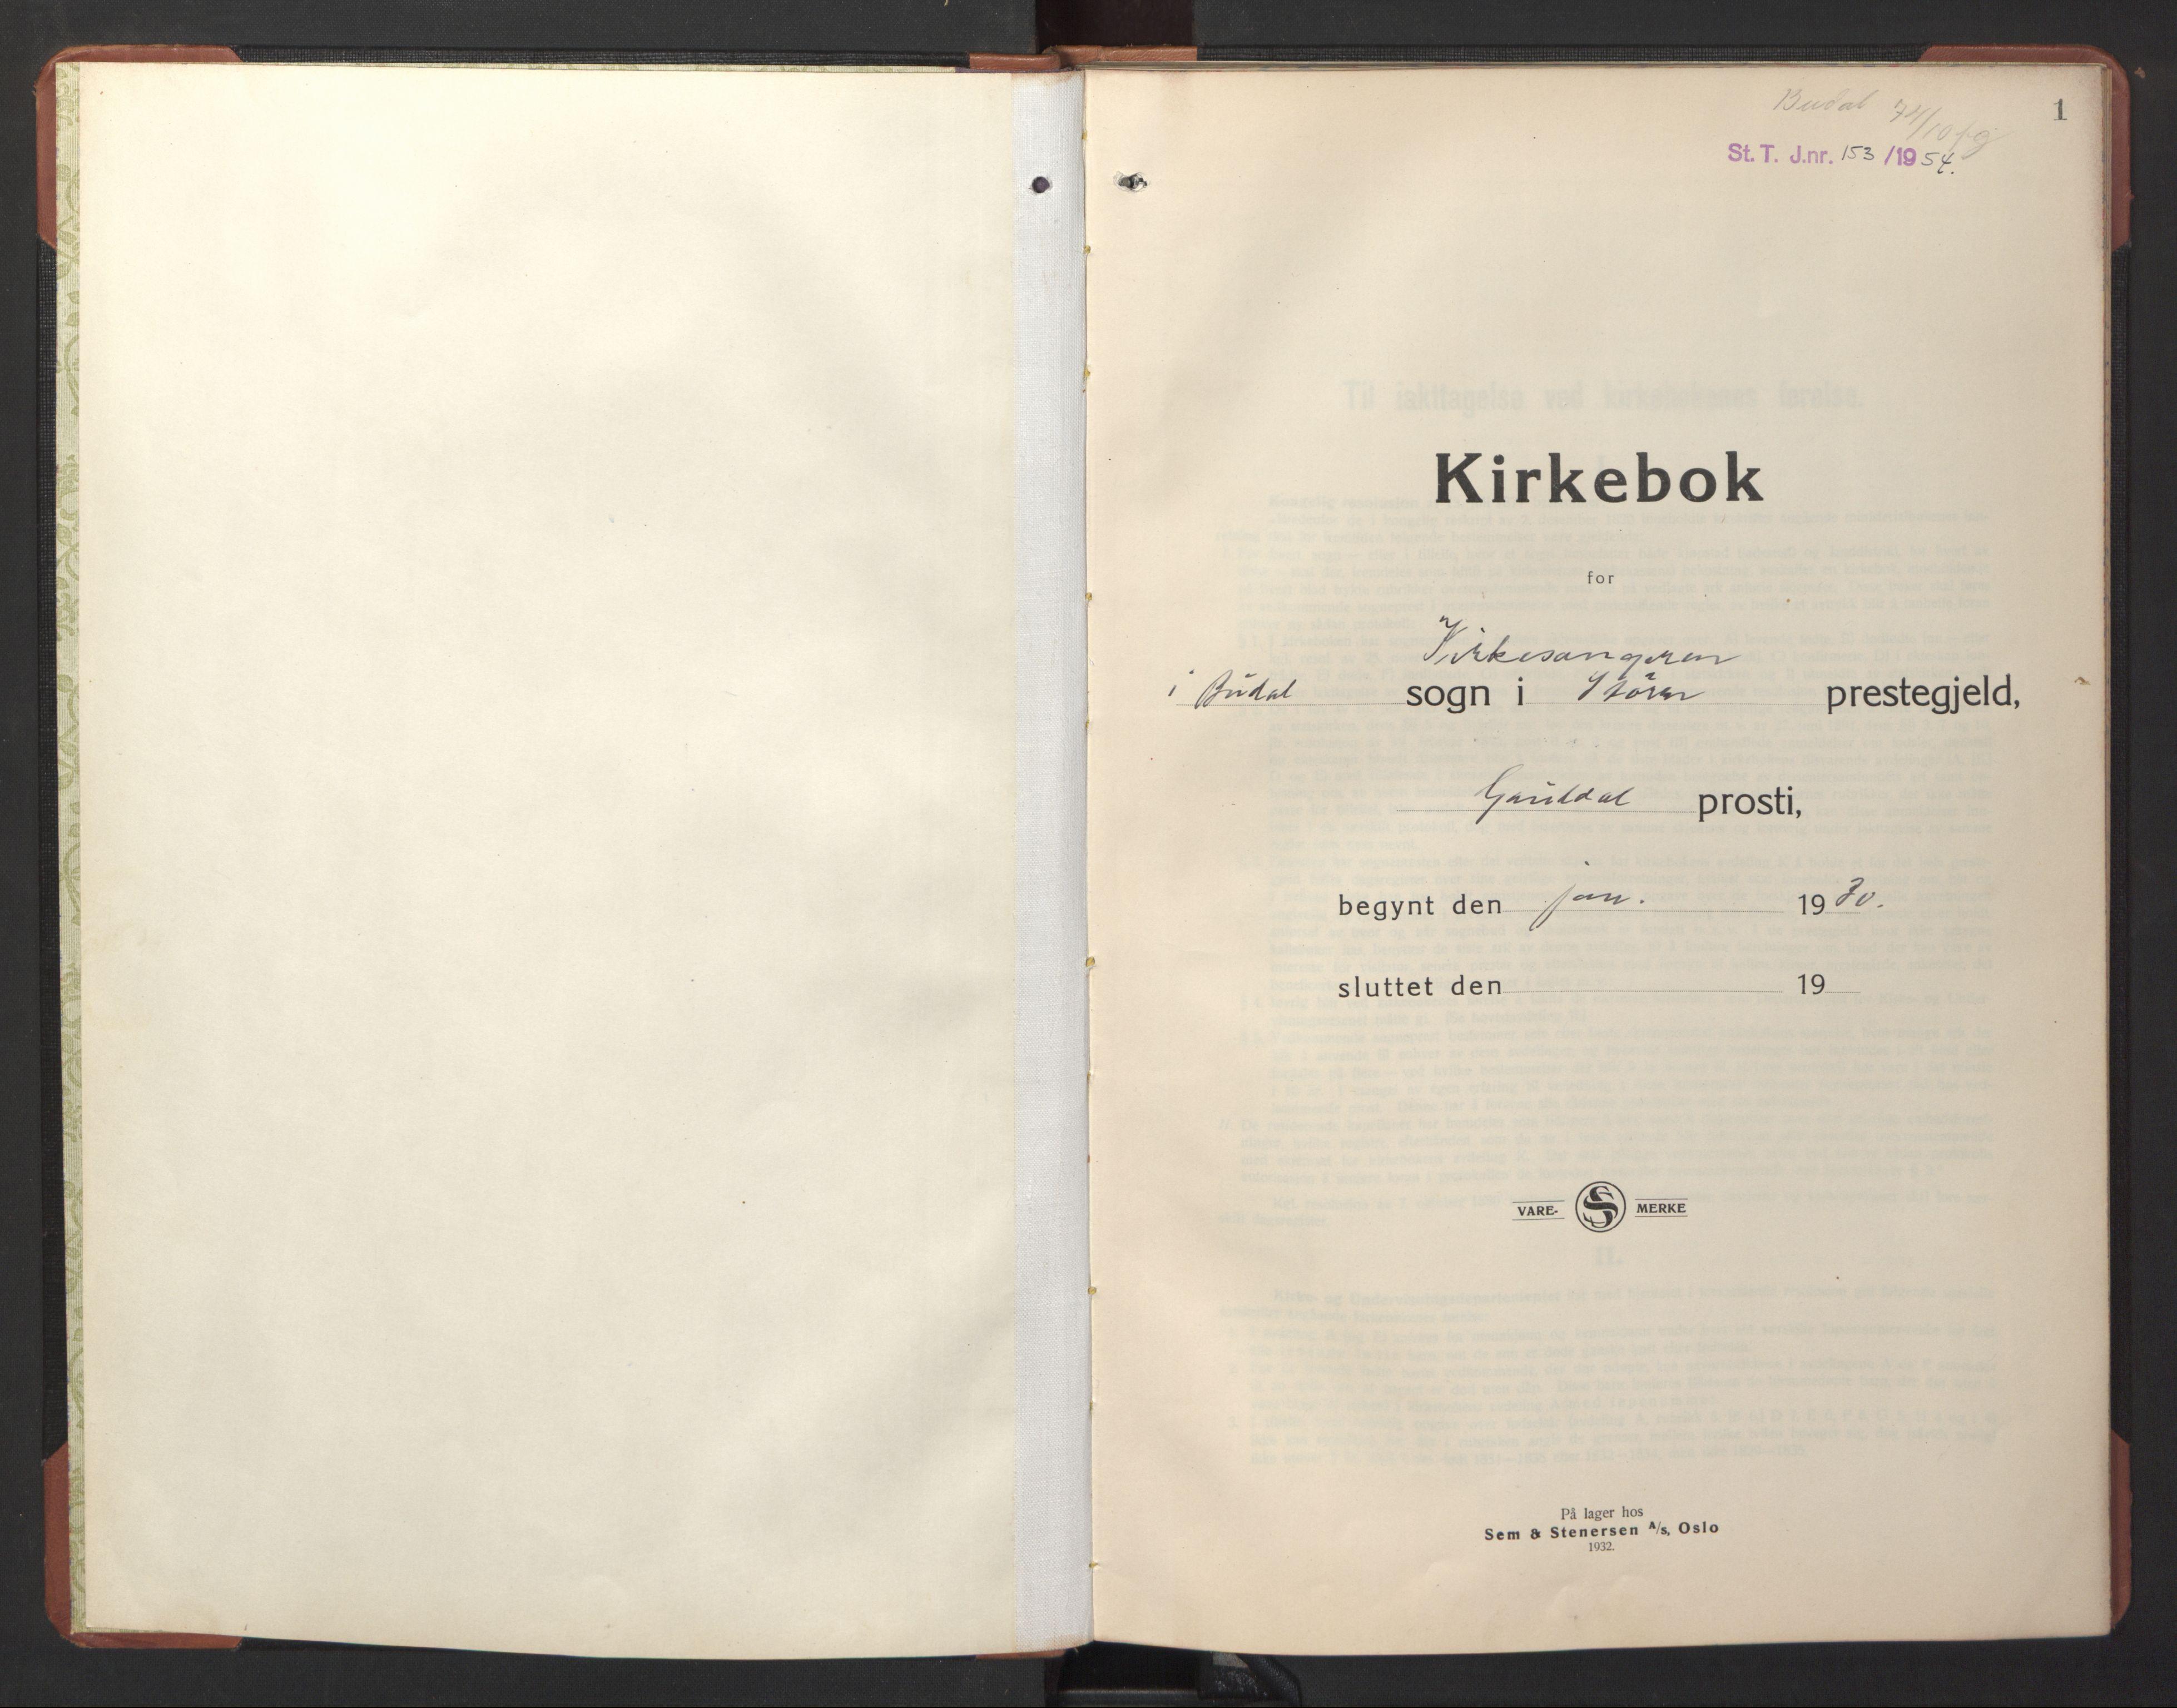 SAT, Ministerialprotokoller, klokkerbøker og fødselsregistre - Sør-Trøndelag, 690/L1053: Klokkerbok nr. 690C03, 1930-1947, s. 1